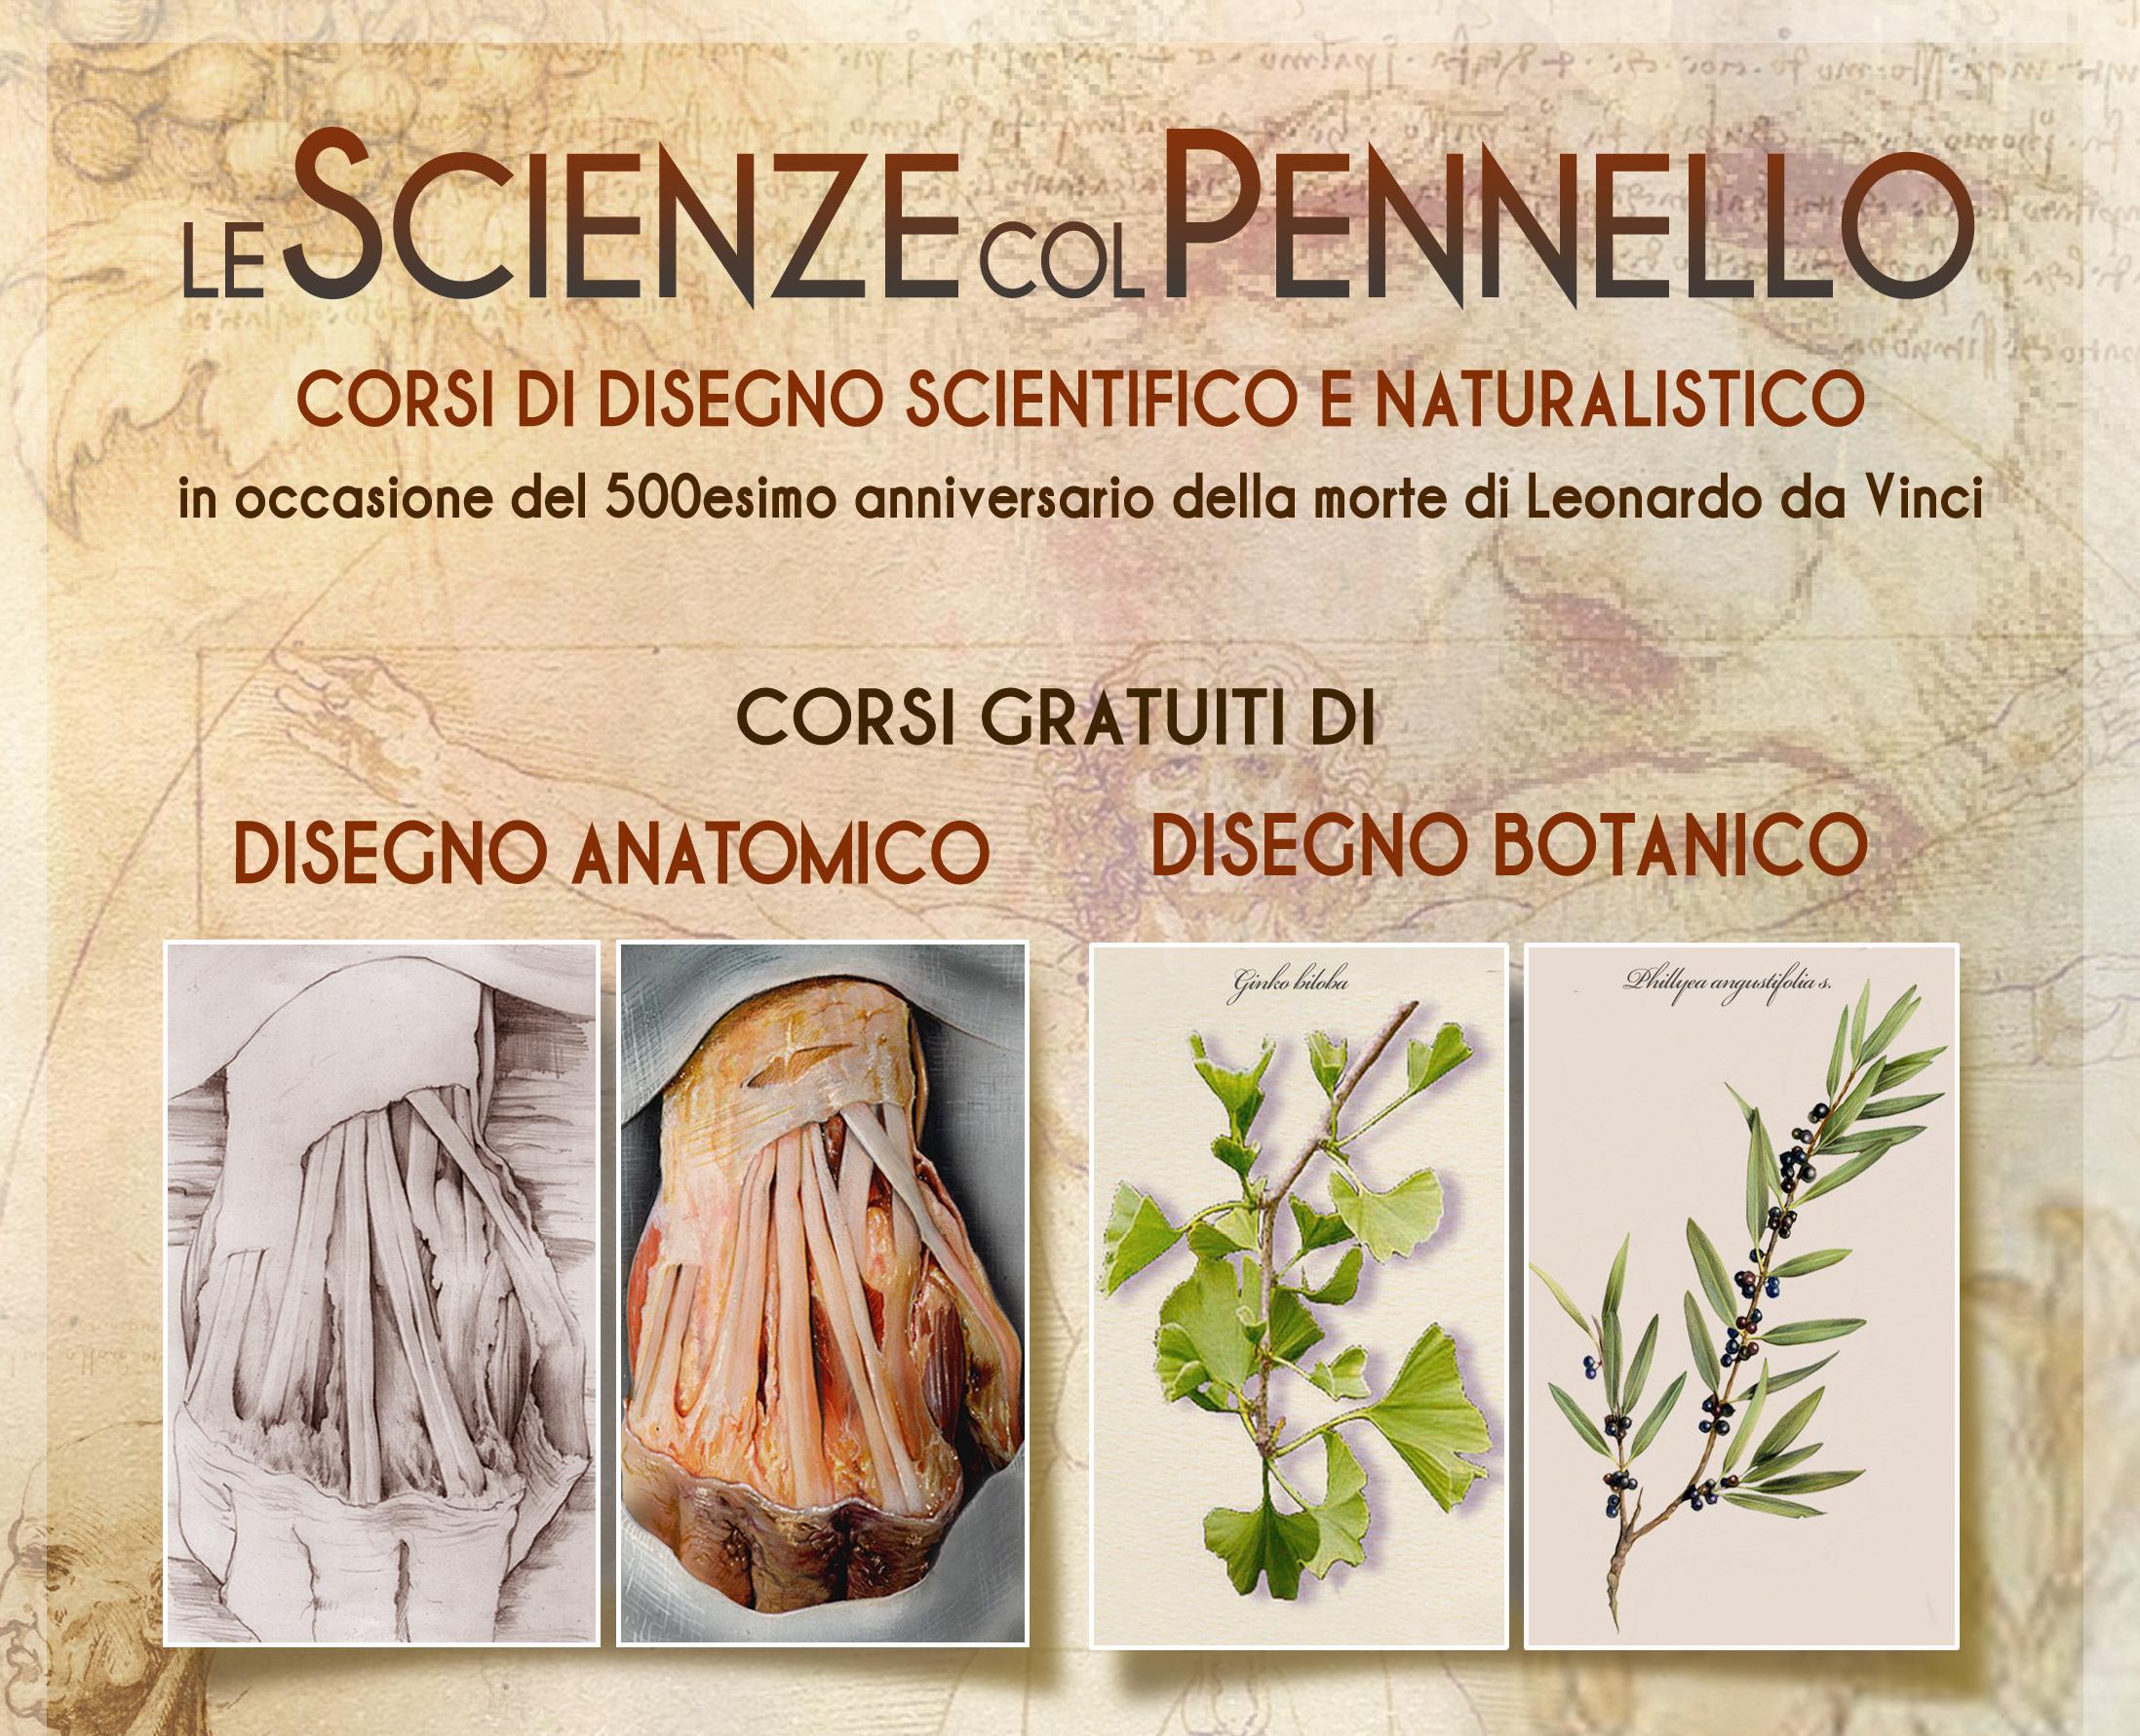 Le scienze con il Pennello: corso di disegno anatomico e botanico